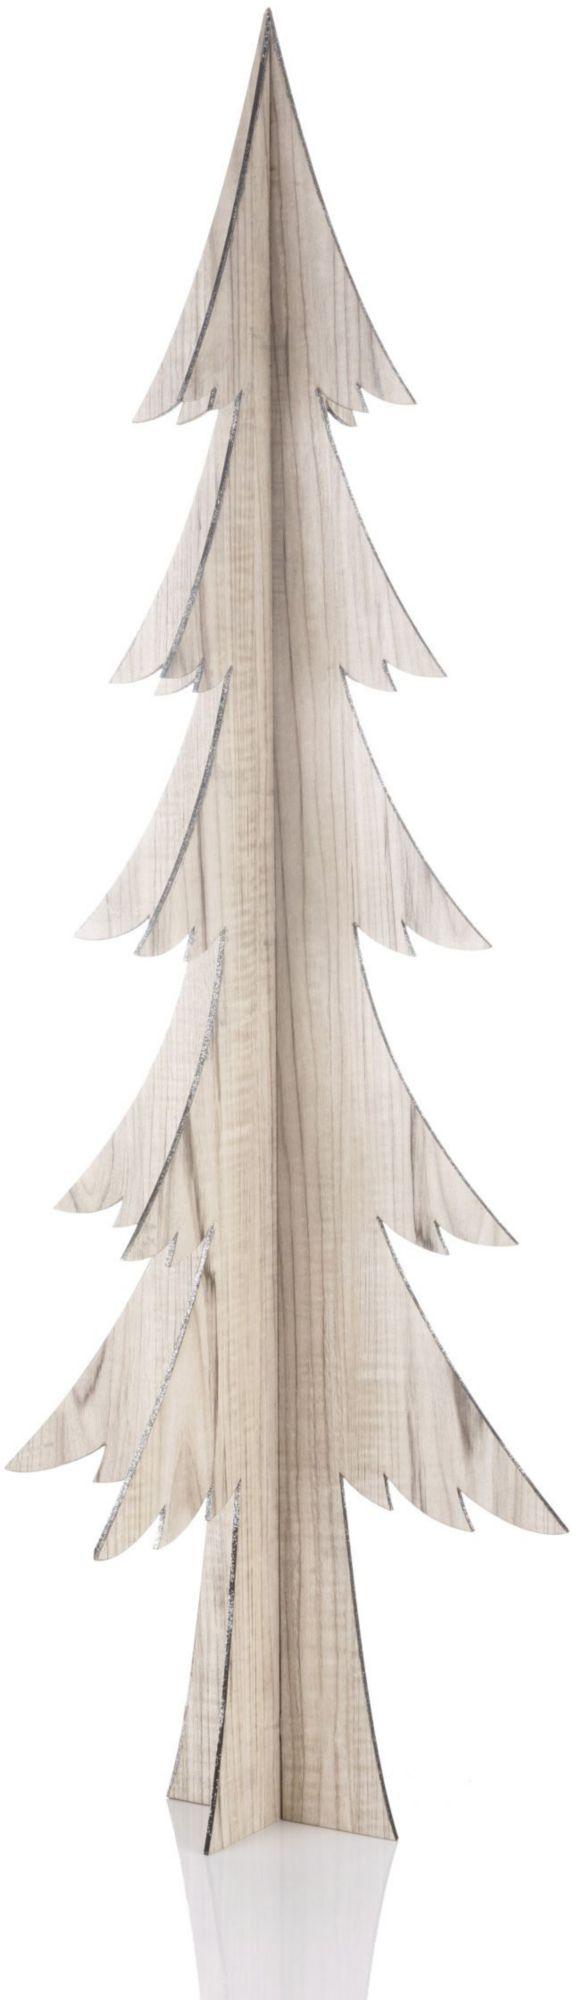 Deko-Tanne aus Holz, in verschiedenen Größen